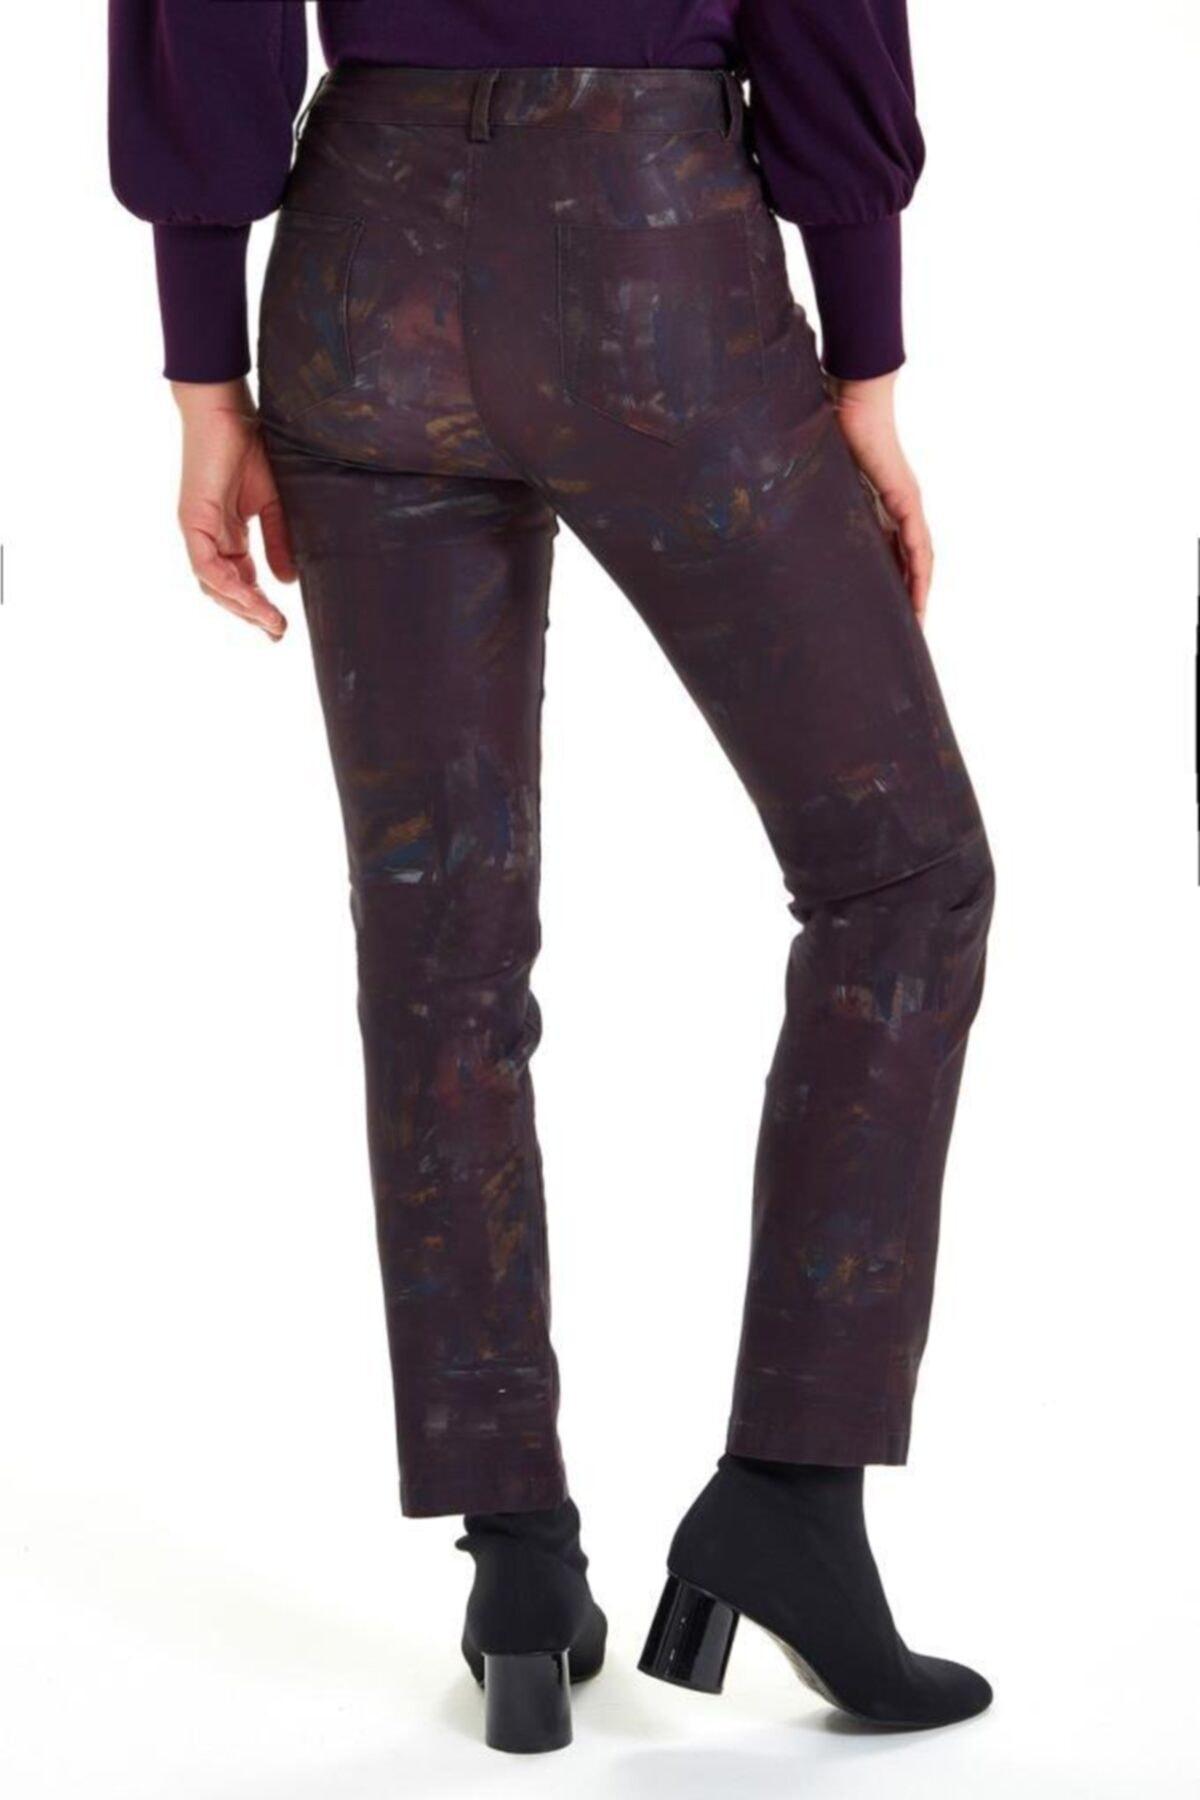 İKİLER Beş Cepli Desenli Pantolon 201-3507 1